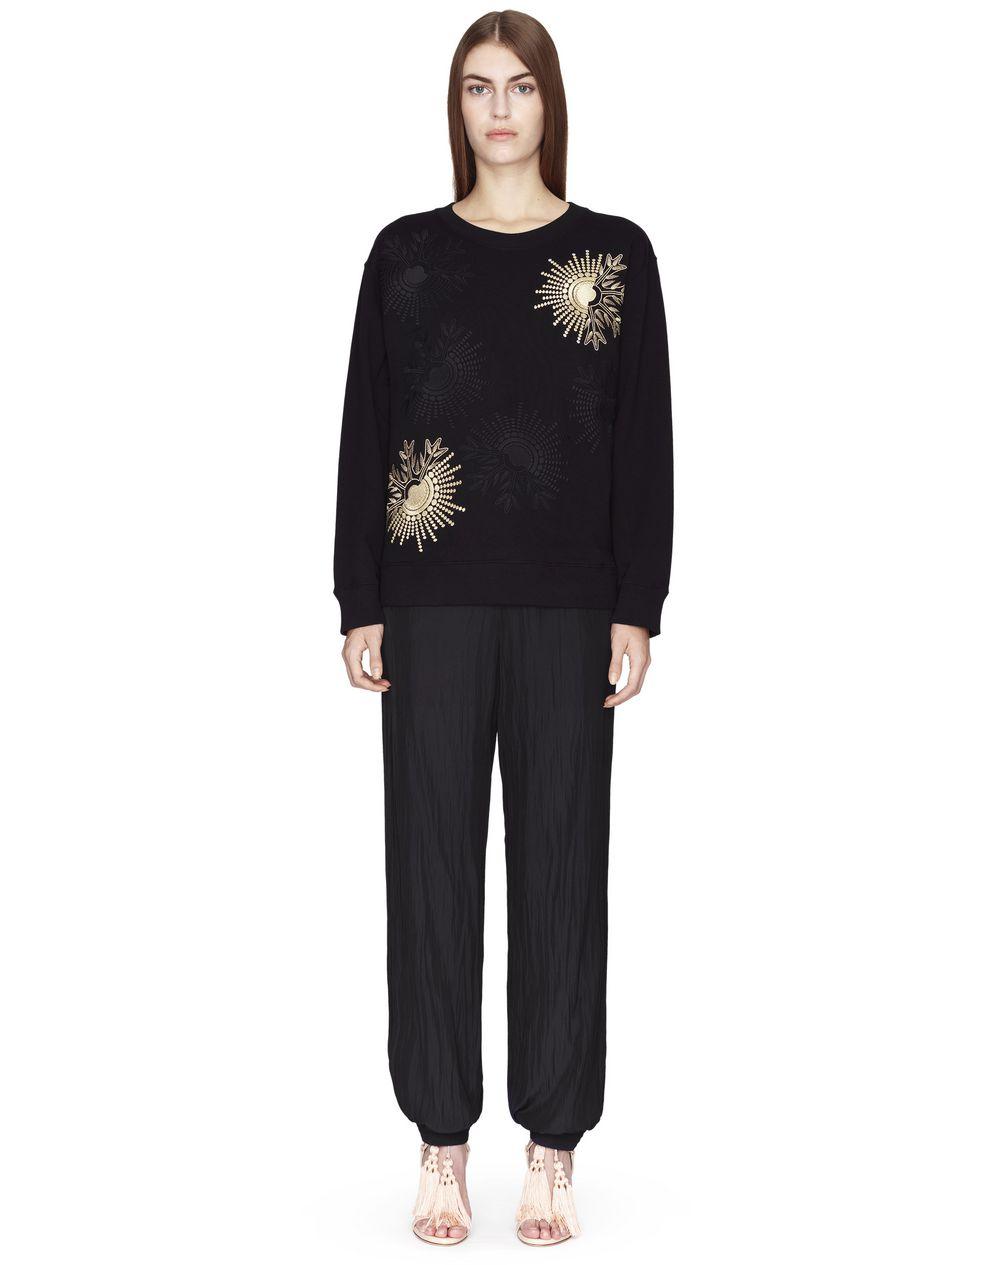 Pull en jersey de coton tricoté noir, Lanvin – Prix €650